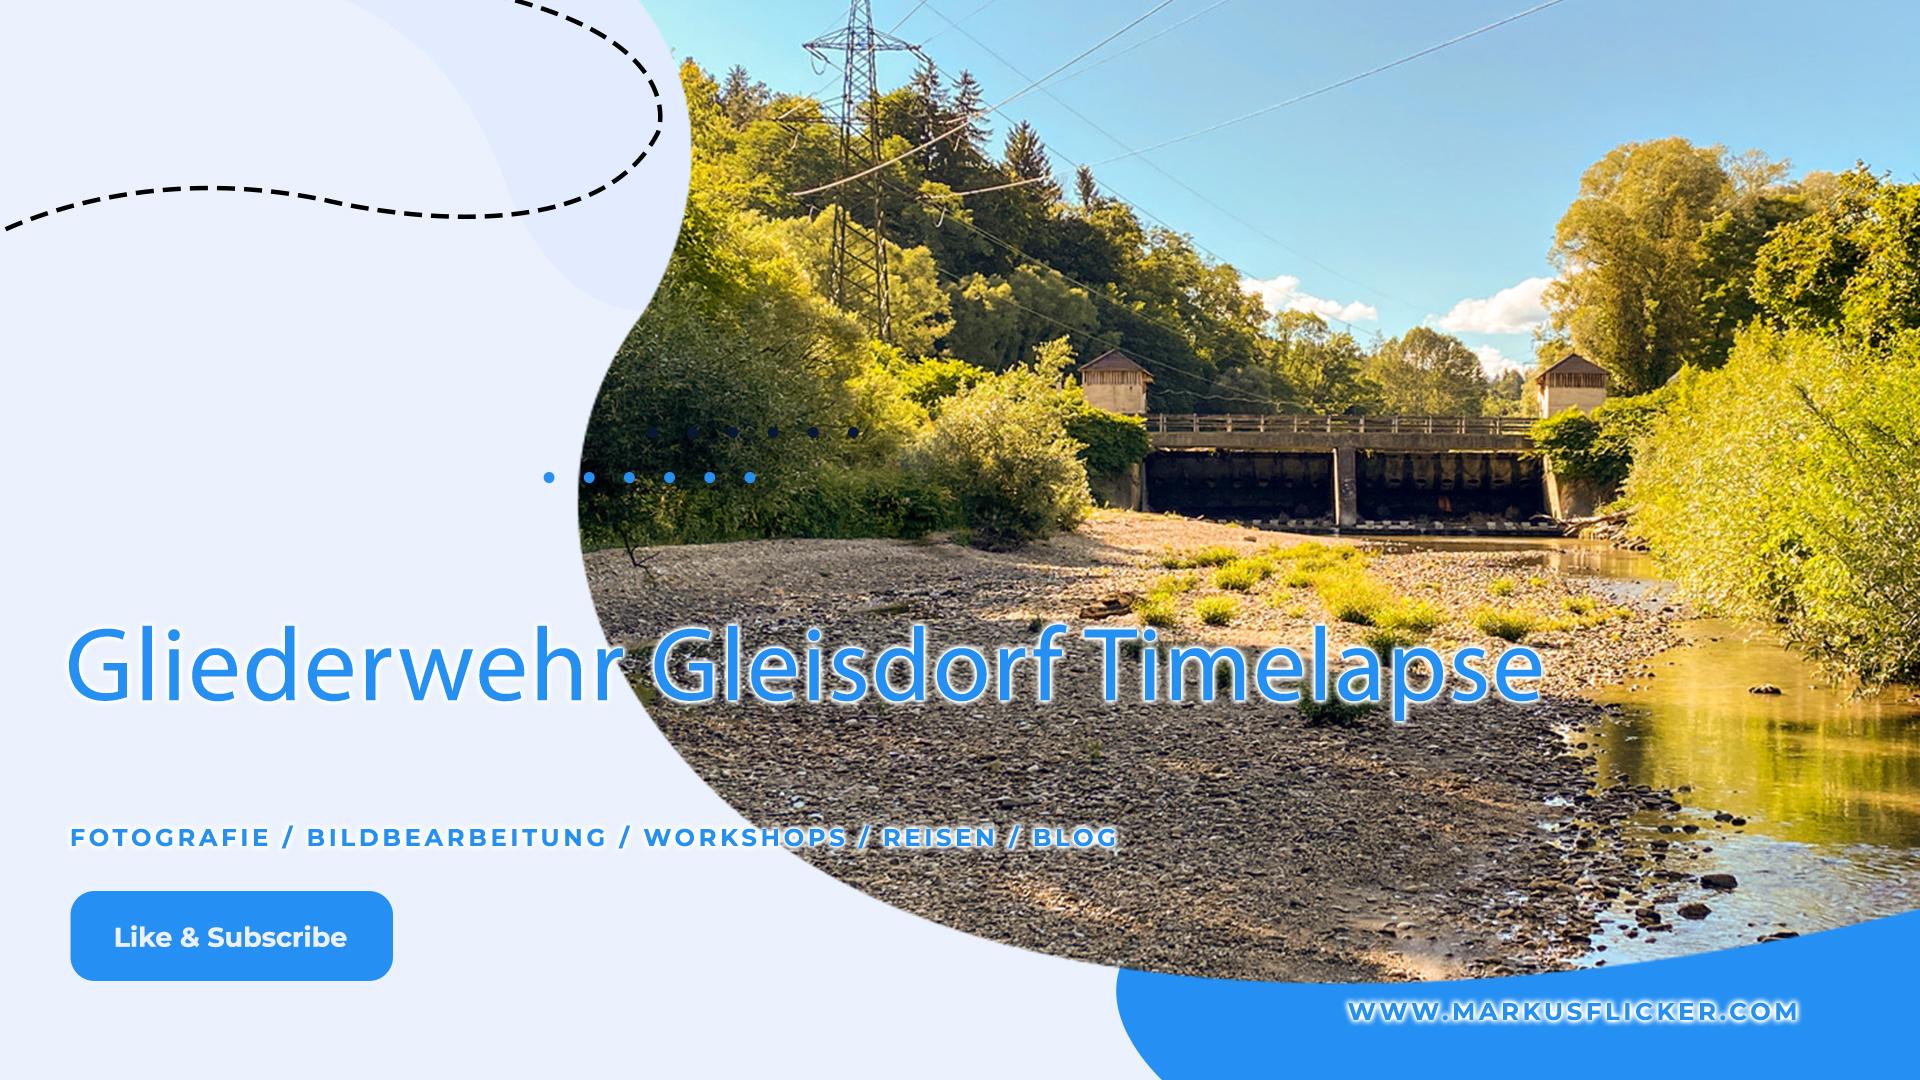 Gliederwehr Gleisdorf Timelapse